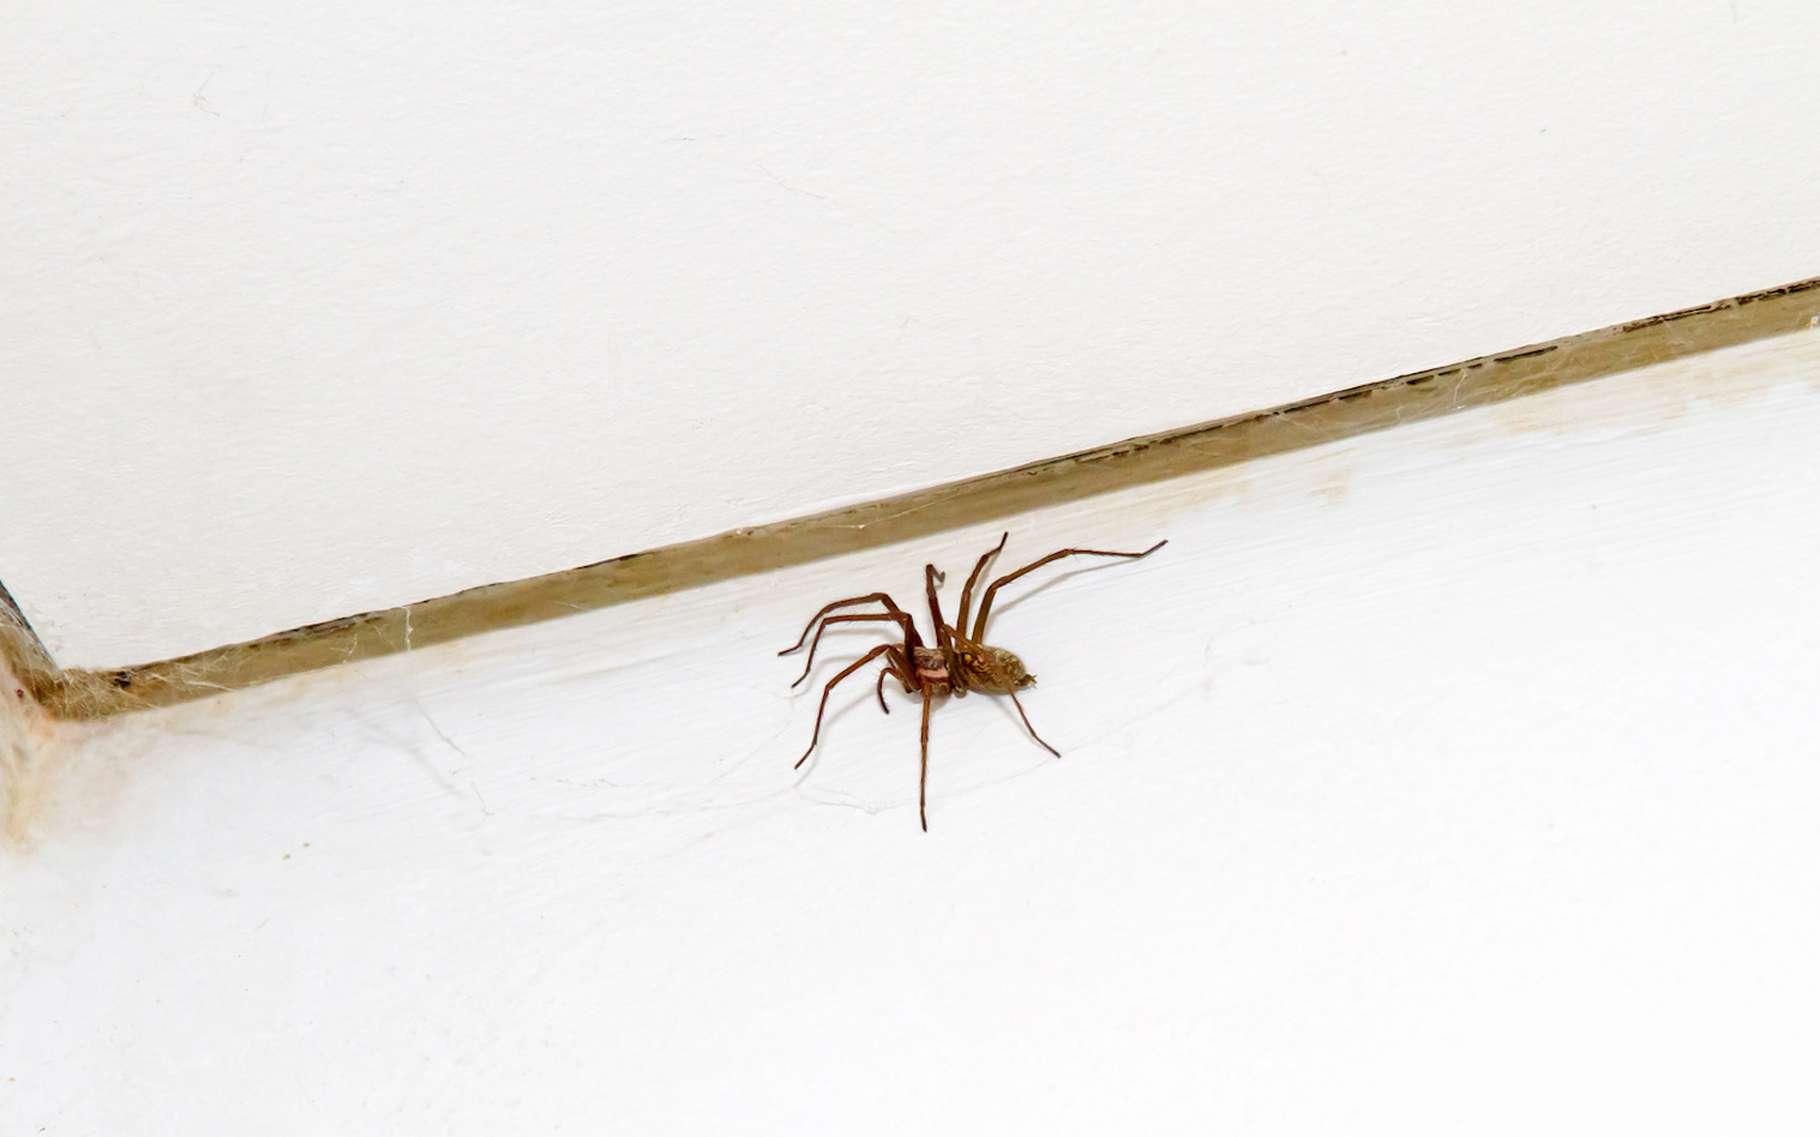 C'est à la mi-septembre et aux alentours de 19 h 35 qu'un maximum d'araignées sont observées dans nos maisons. Le résultat d'un mode de vie et/ou de biais d'observations. © Jürgen Fälchle, Fotolia